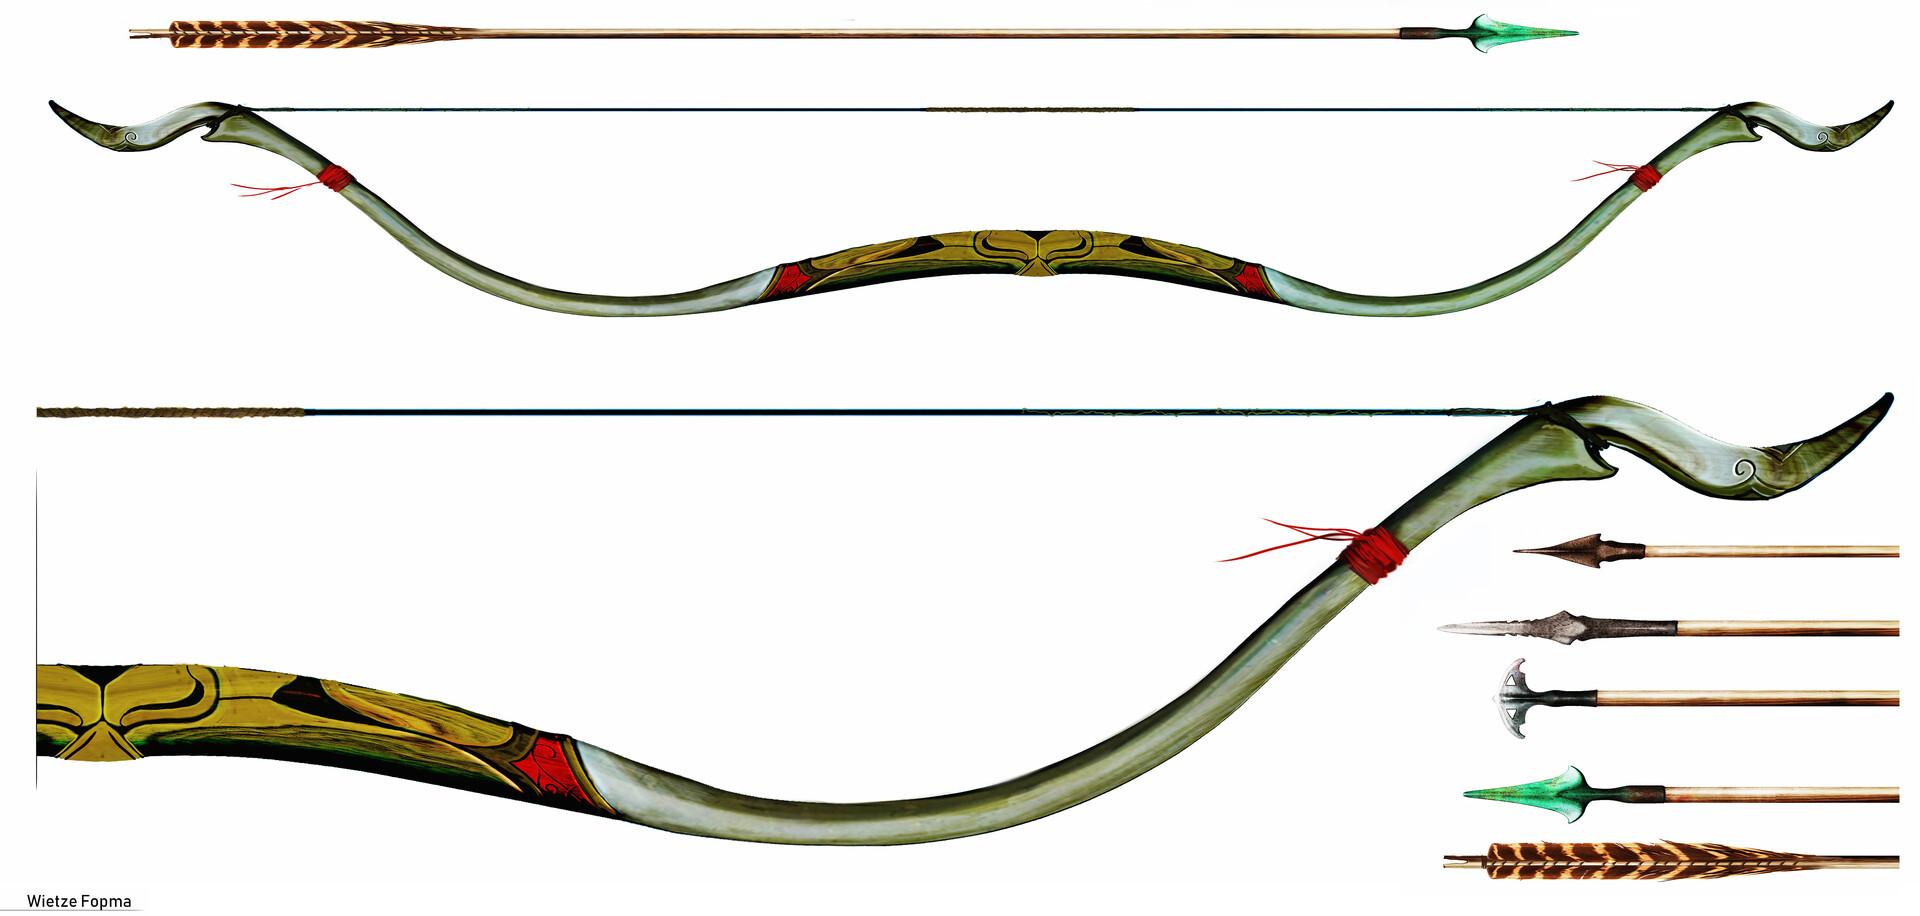 Wietze fopma bowanquiver